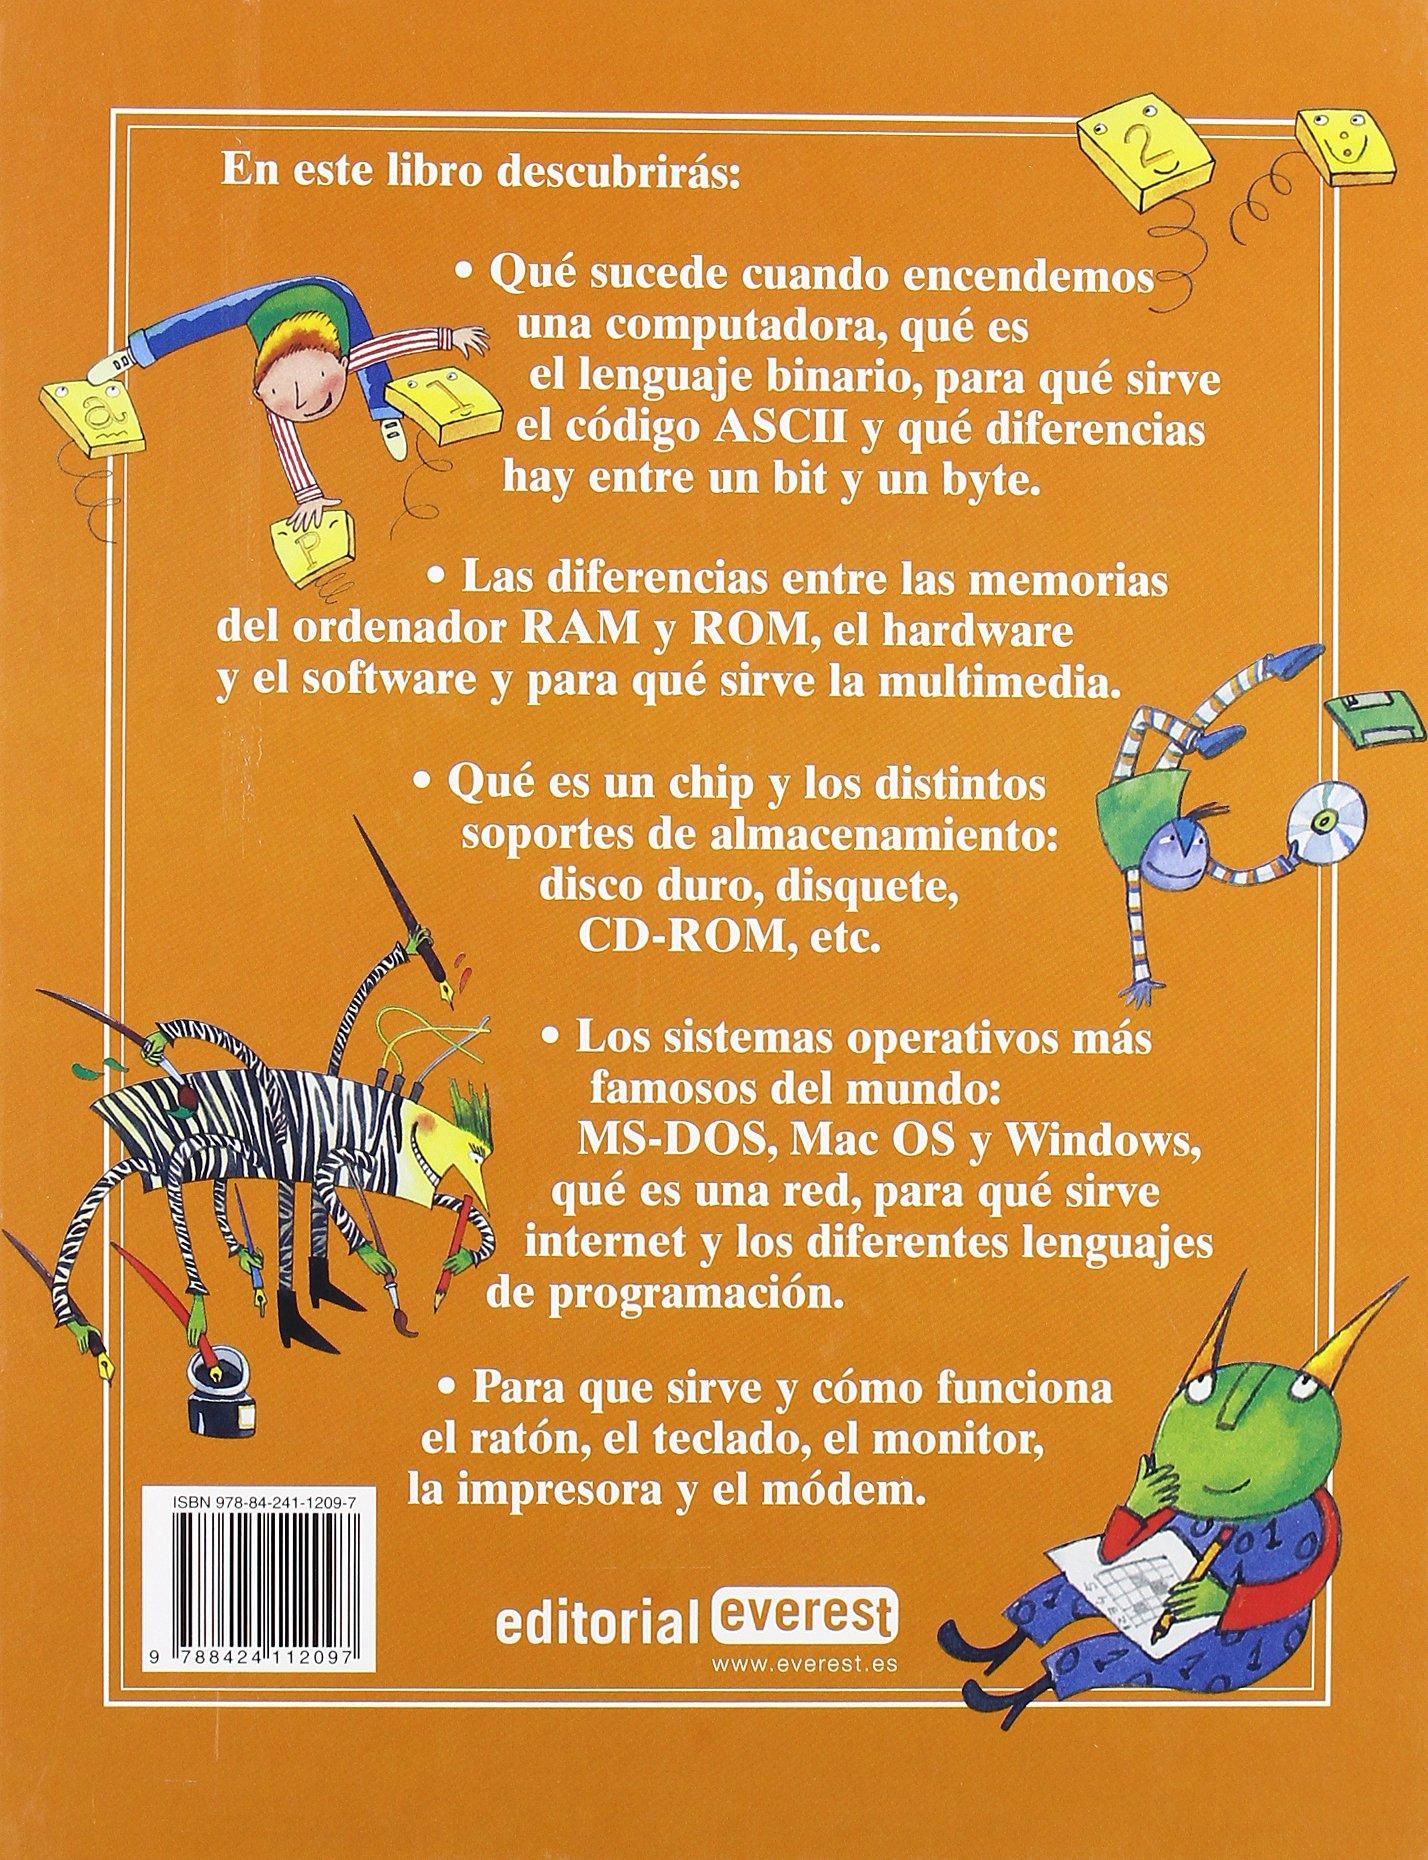 Amazon.com: Mi Primera Aventura Informatica (Spanish Edition) (9788424112097): Julio Antoanzas: Books